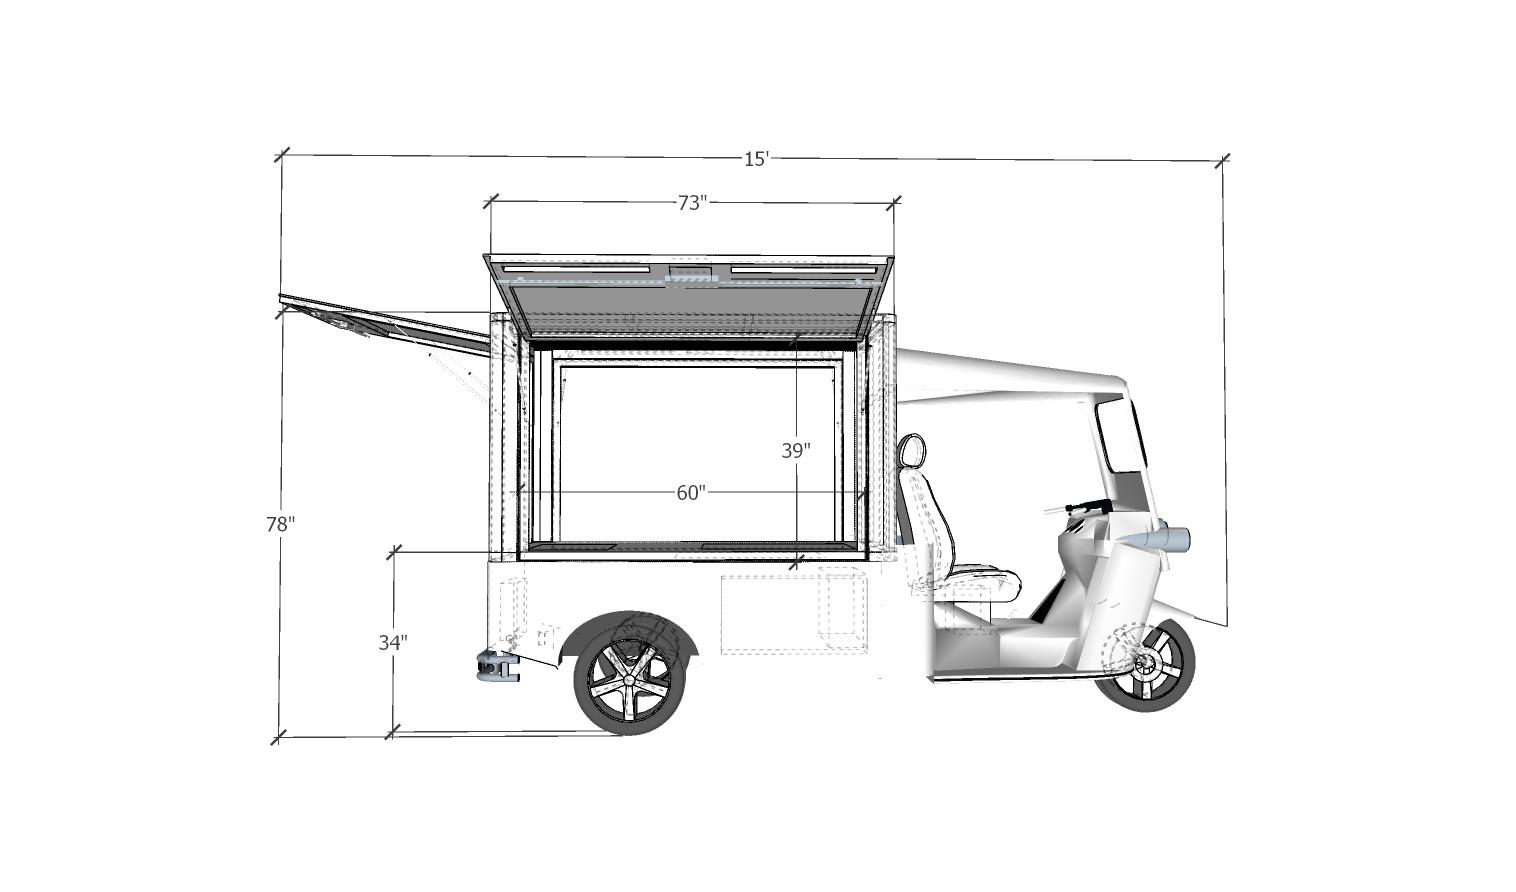 TukFab-VehicleDimensions-Vendor-PassSide